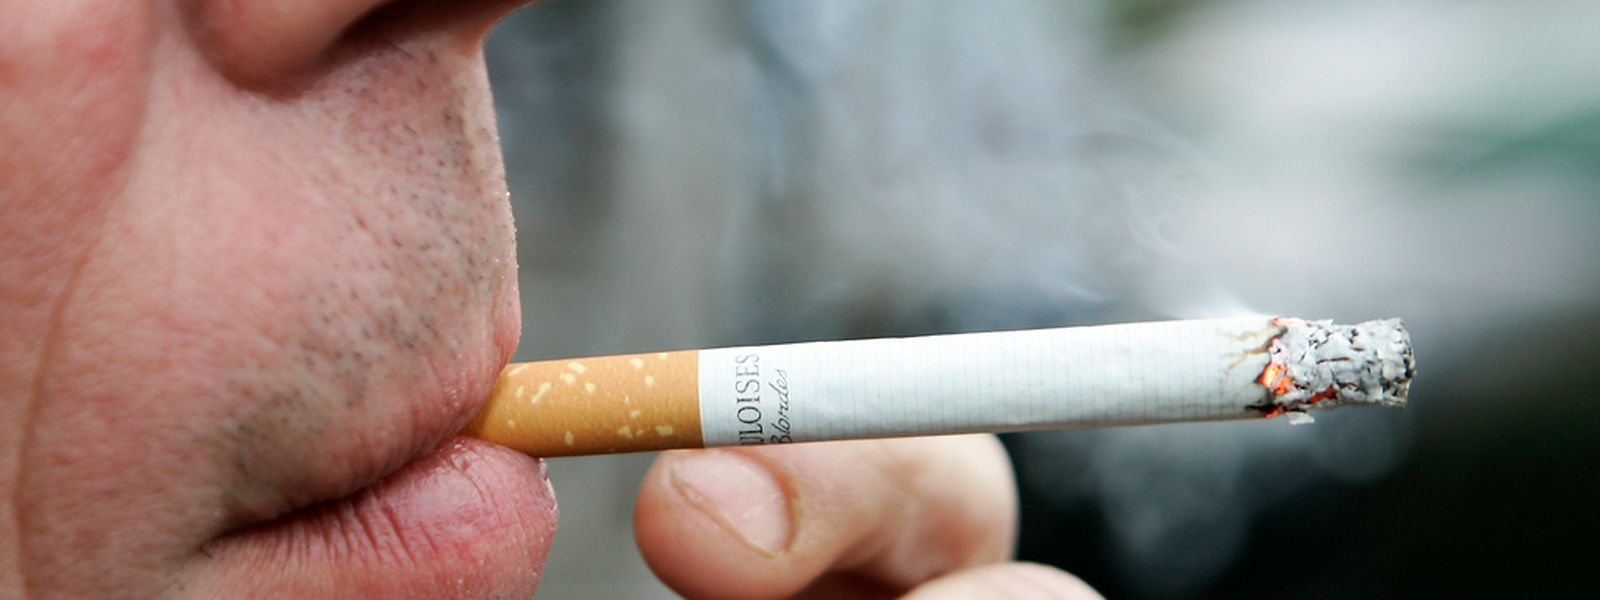 30 Prozent aller Todesfälle in Luxemburg gehen auf eine Krebserkrankung zurück. Die häufigste Krebserkrankung ist Lungenkrebs.